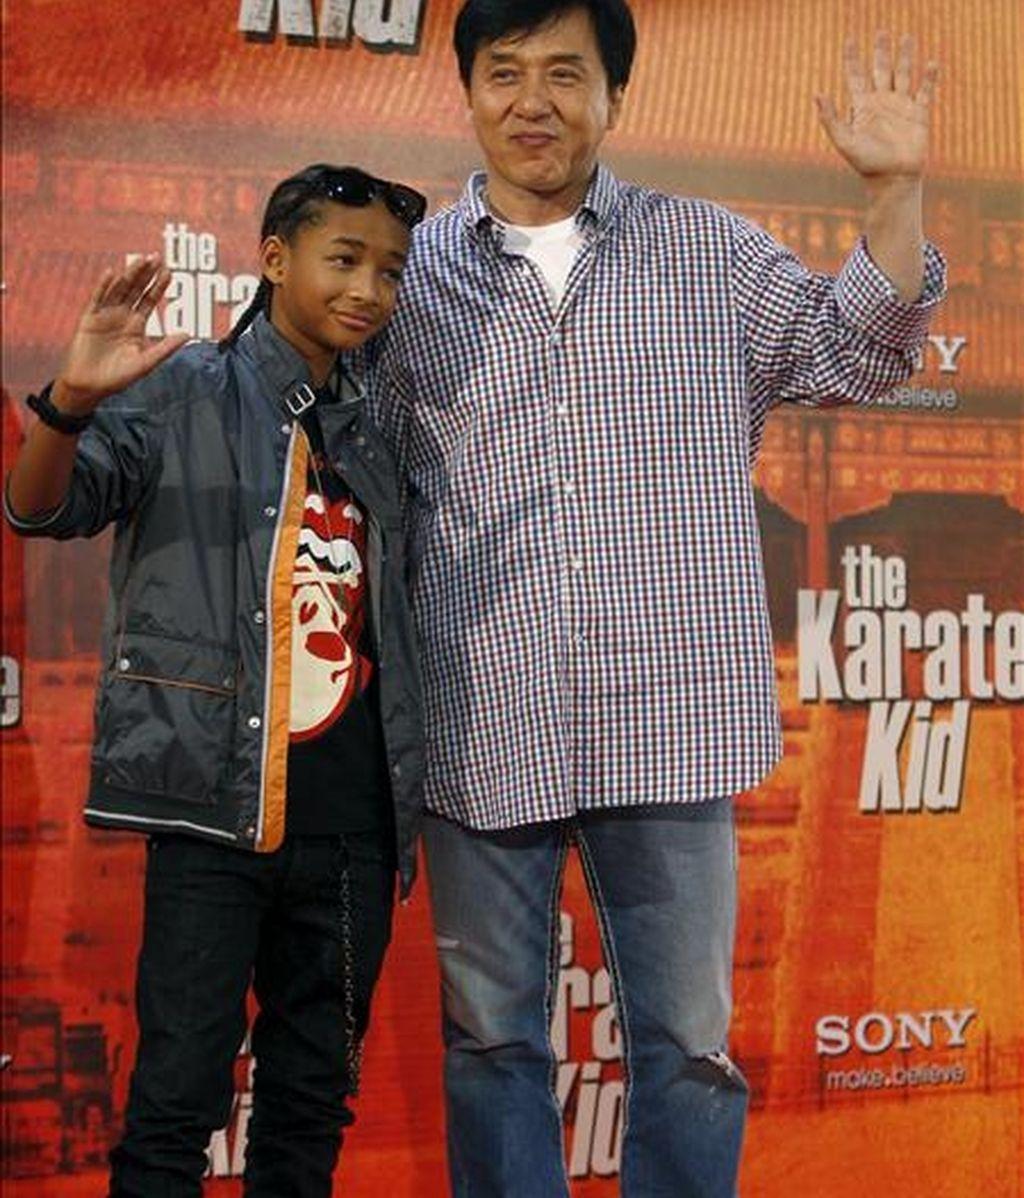 """El actor Jackie Chan (d), durante la presentación en Madrid de la película """"Karate Kid"""", uno de los clásicos del cine adolescente de los años ochenta, que vuelve al cine con una versión, protagonizada por Jaden Smith (junto a él), el hijo de Will Smith, que es junto a su esposa uno de los productores de la cinta. EFE"""